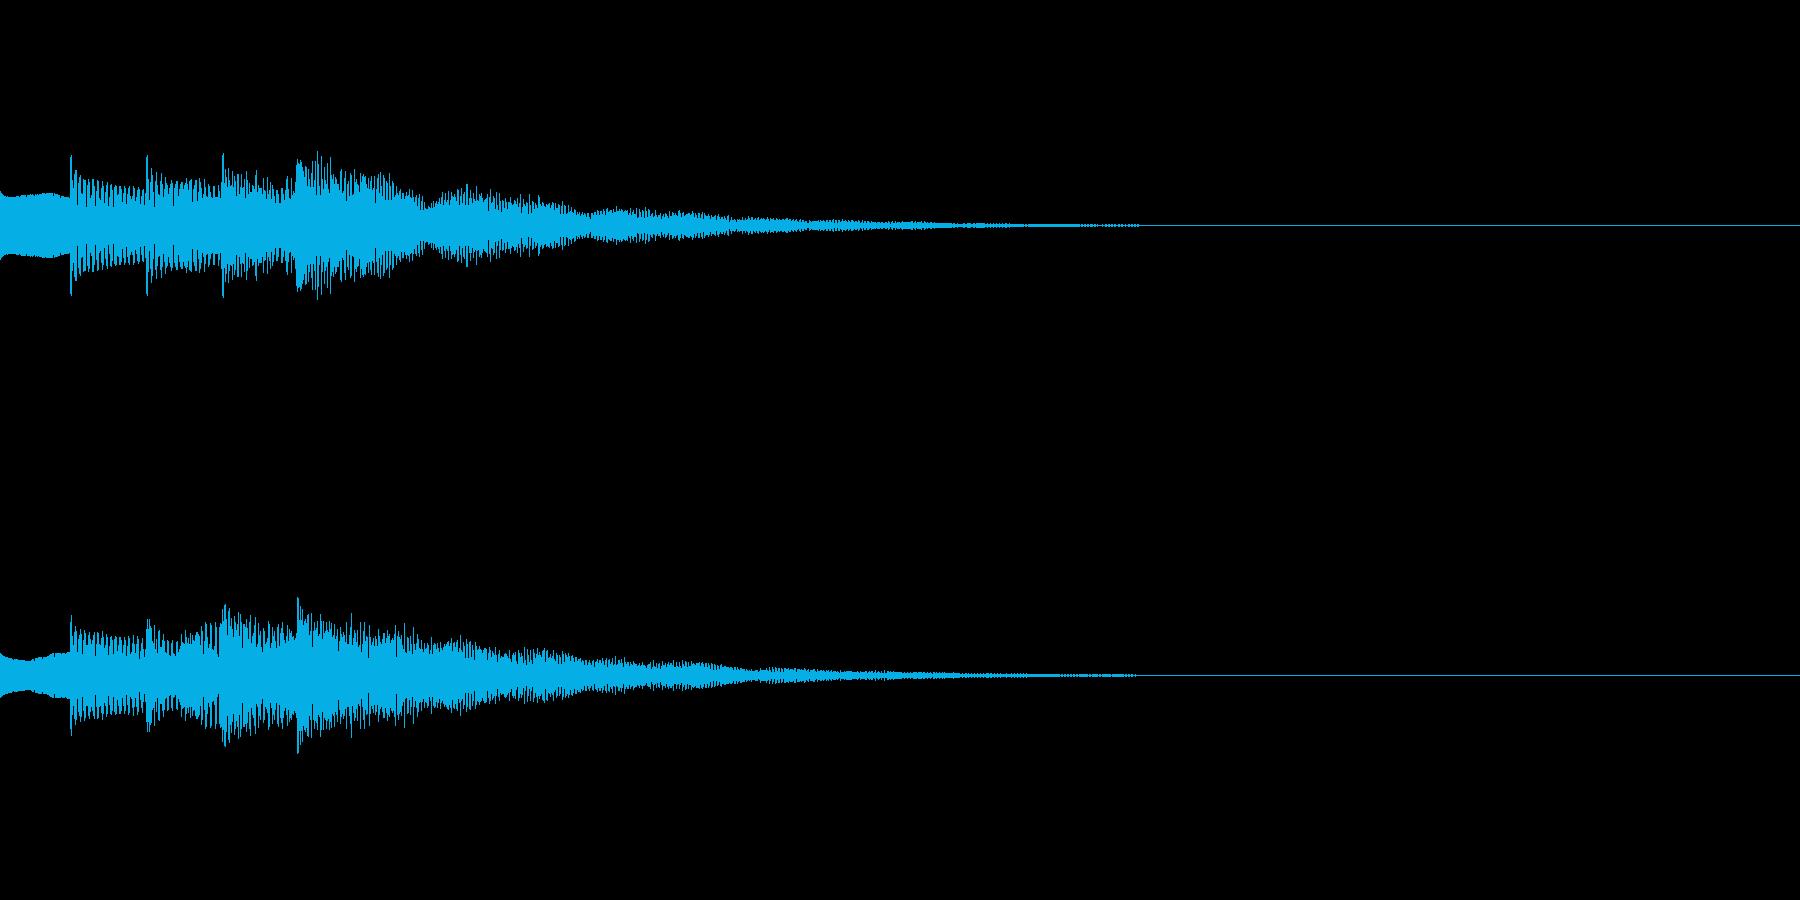 ゲームやアプリ用ピアノの上昇スイッチ音2の再生済みの波形